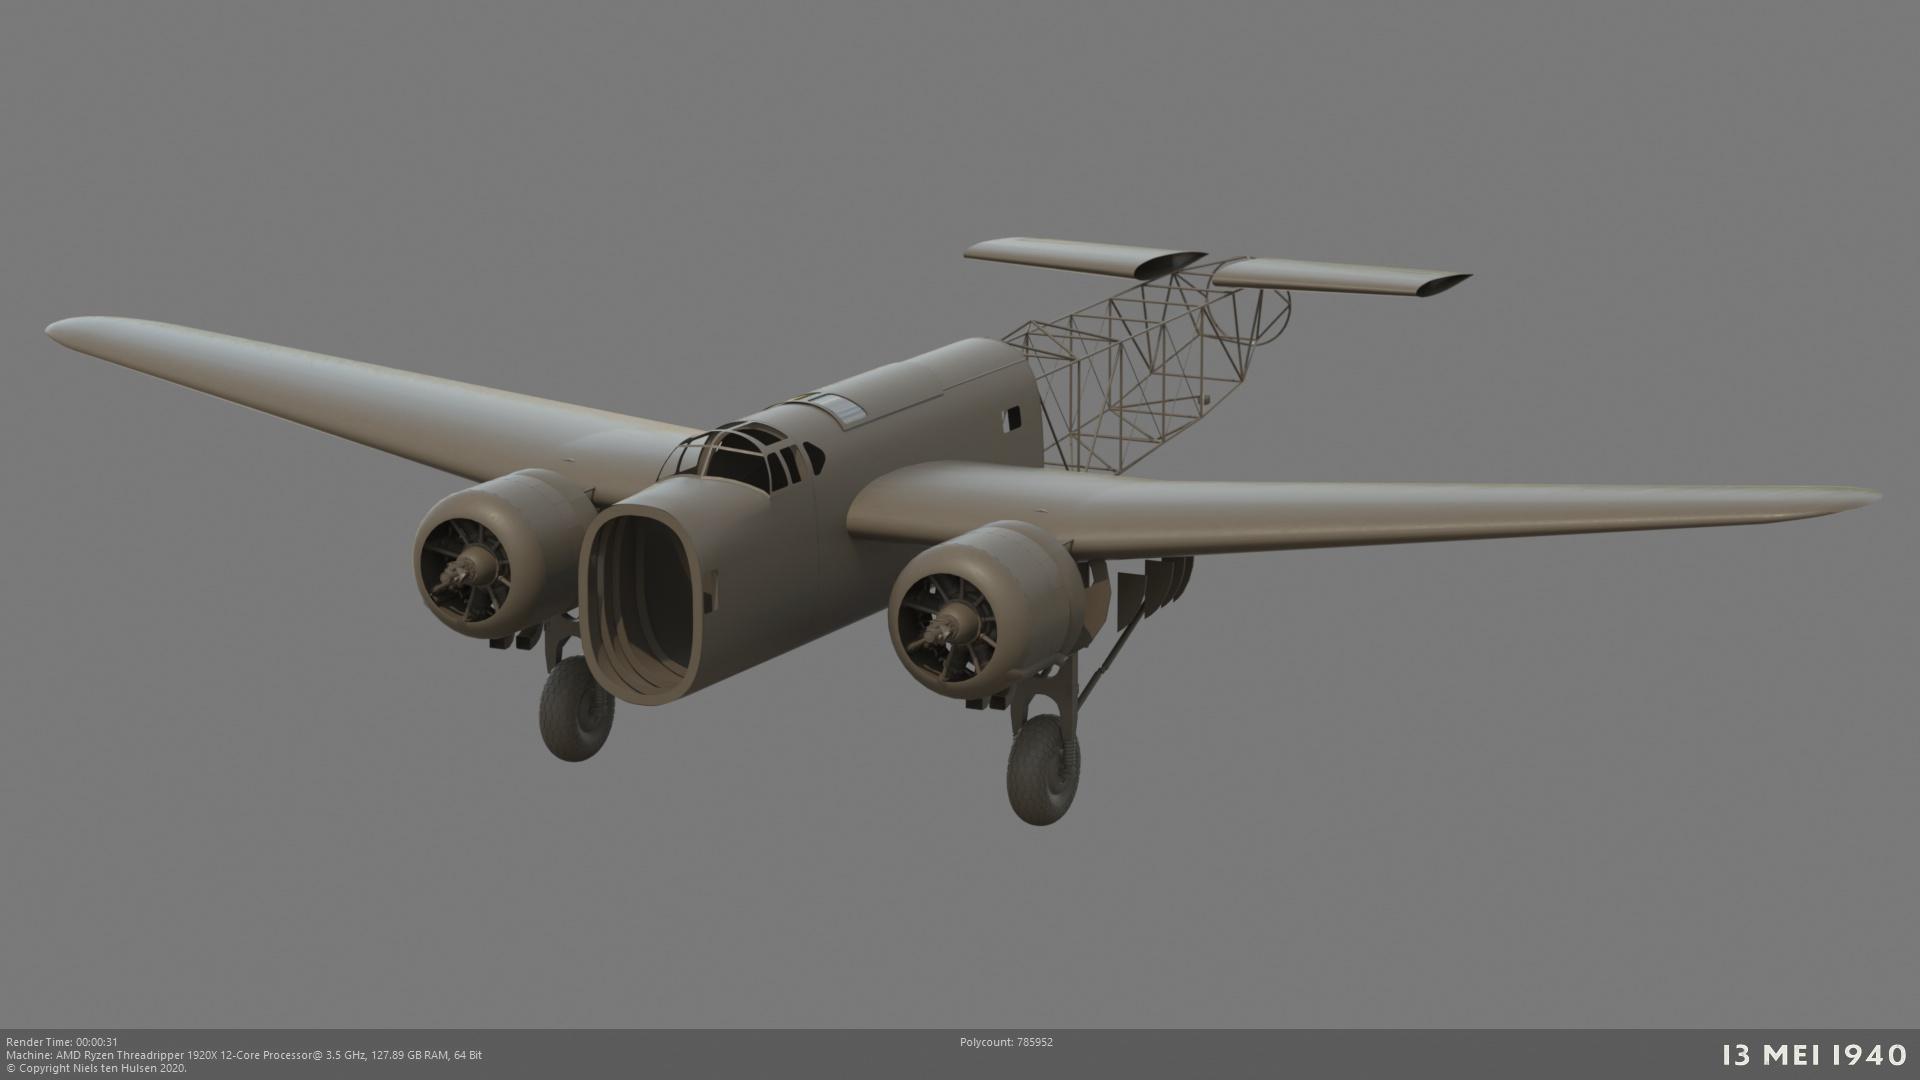 Naam: 001_FokkerT5_motor12.jpg Bekeken: 203 Grootte: 188,3 KB